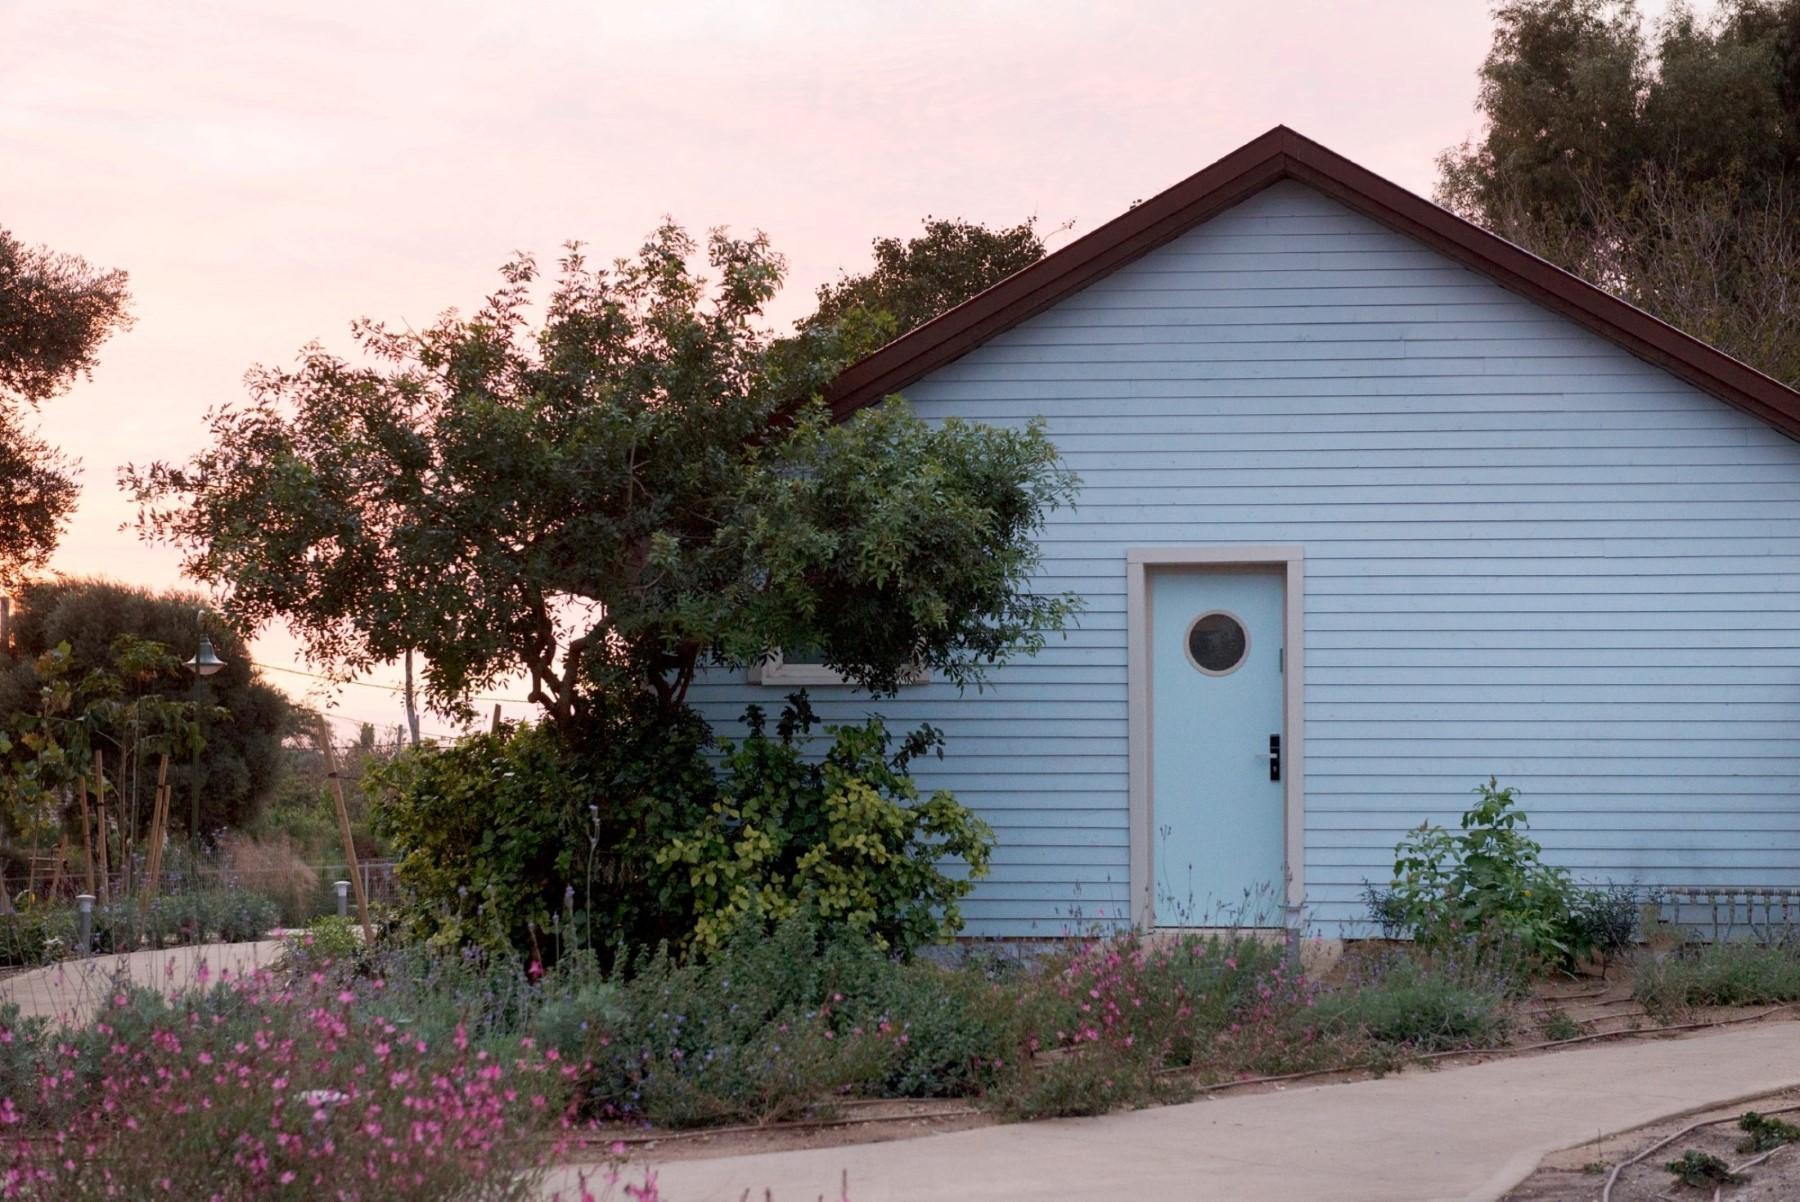 """""""בהשראת ההמפטונס"""": עיצוב בסגנון בית חוף במתחם המלון (צילום: גדעון לוין) (צילום: גדעון לוין)"""